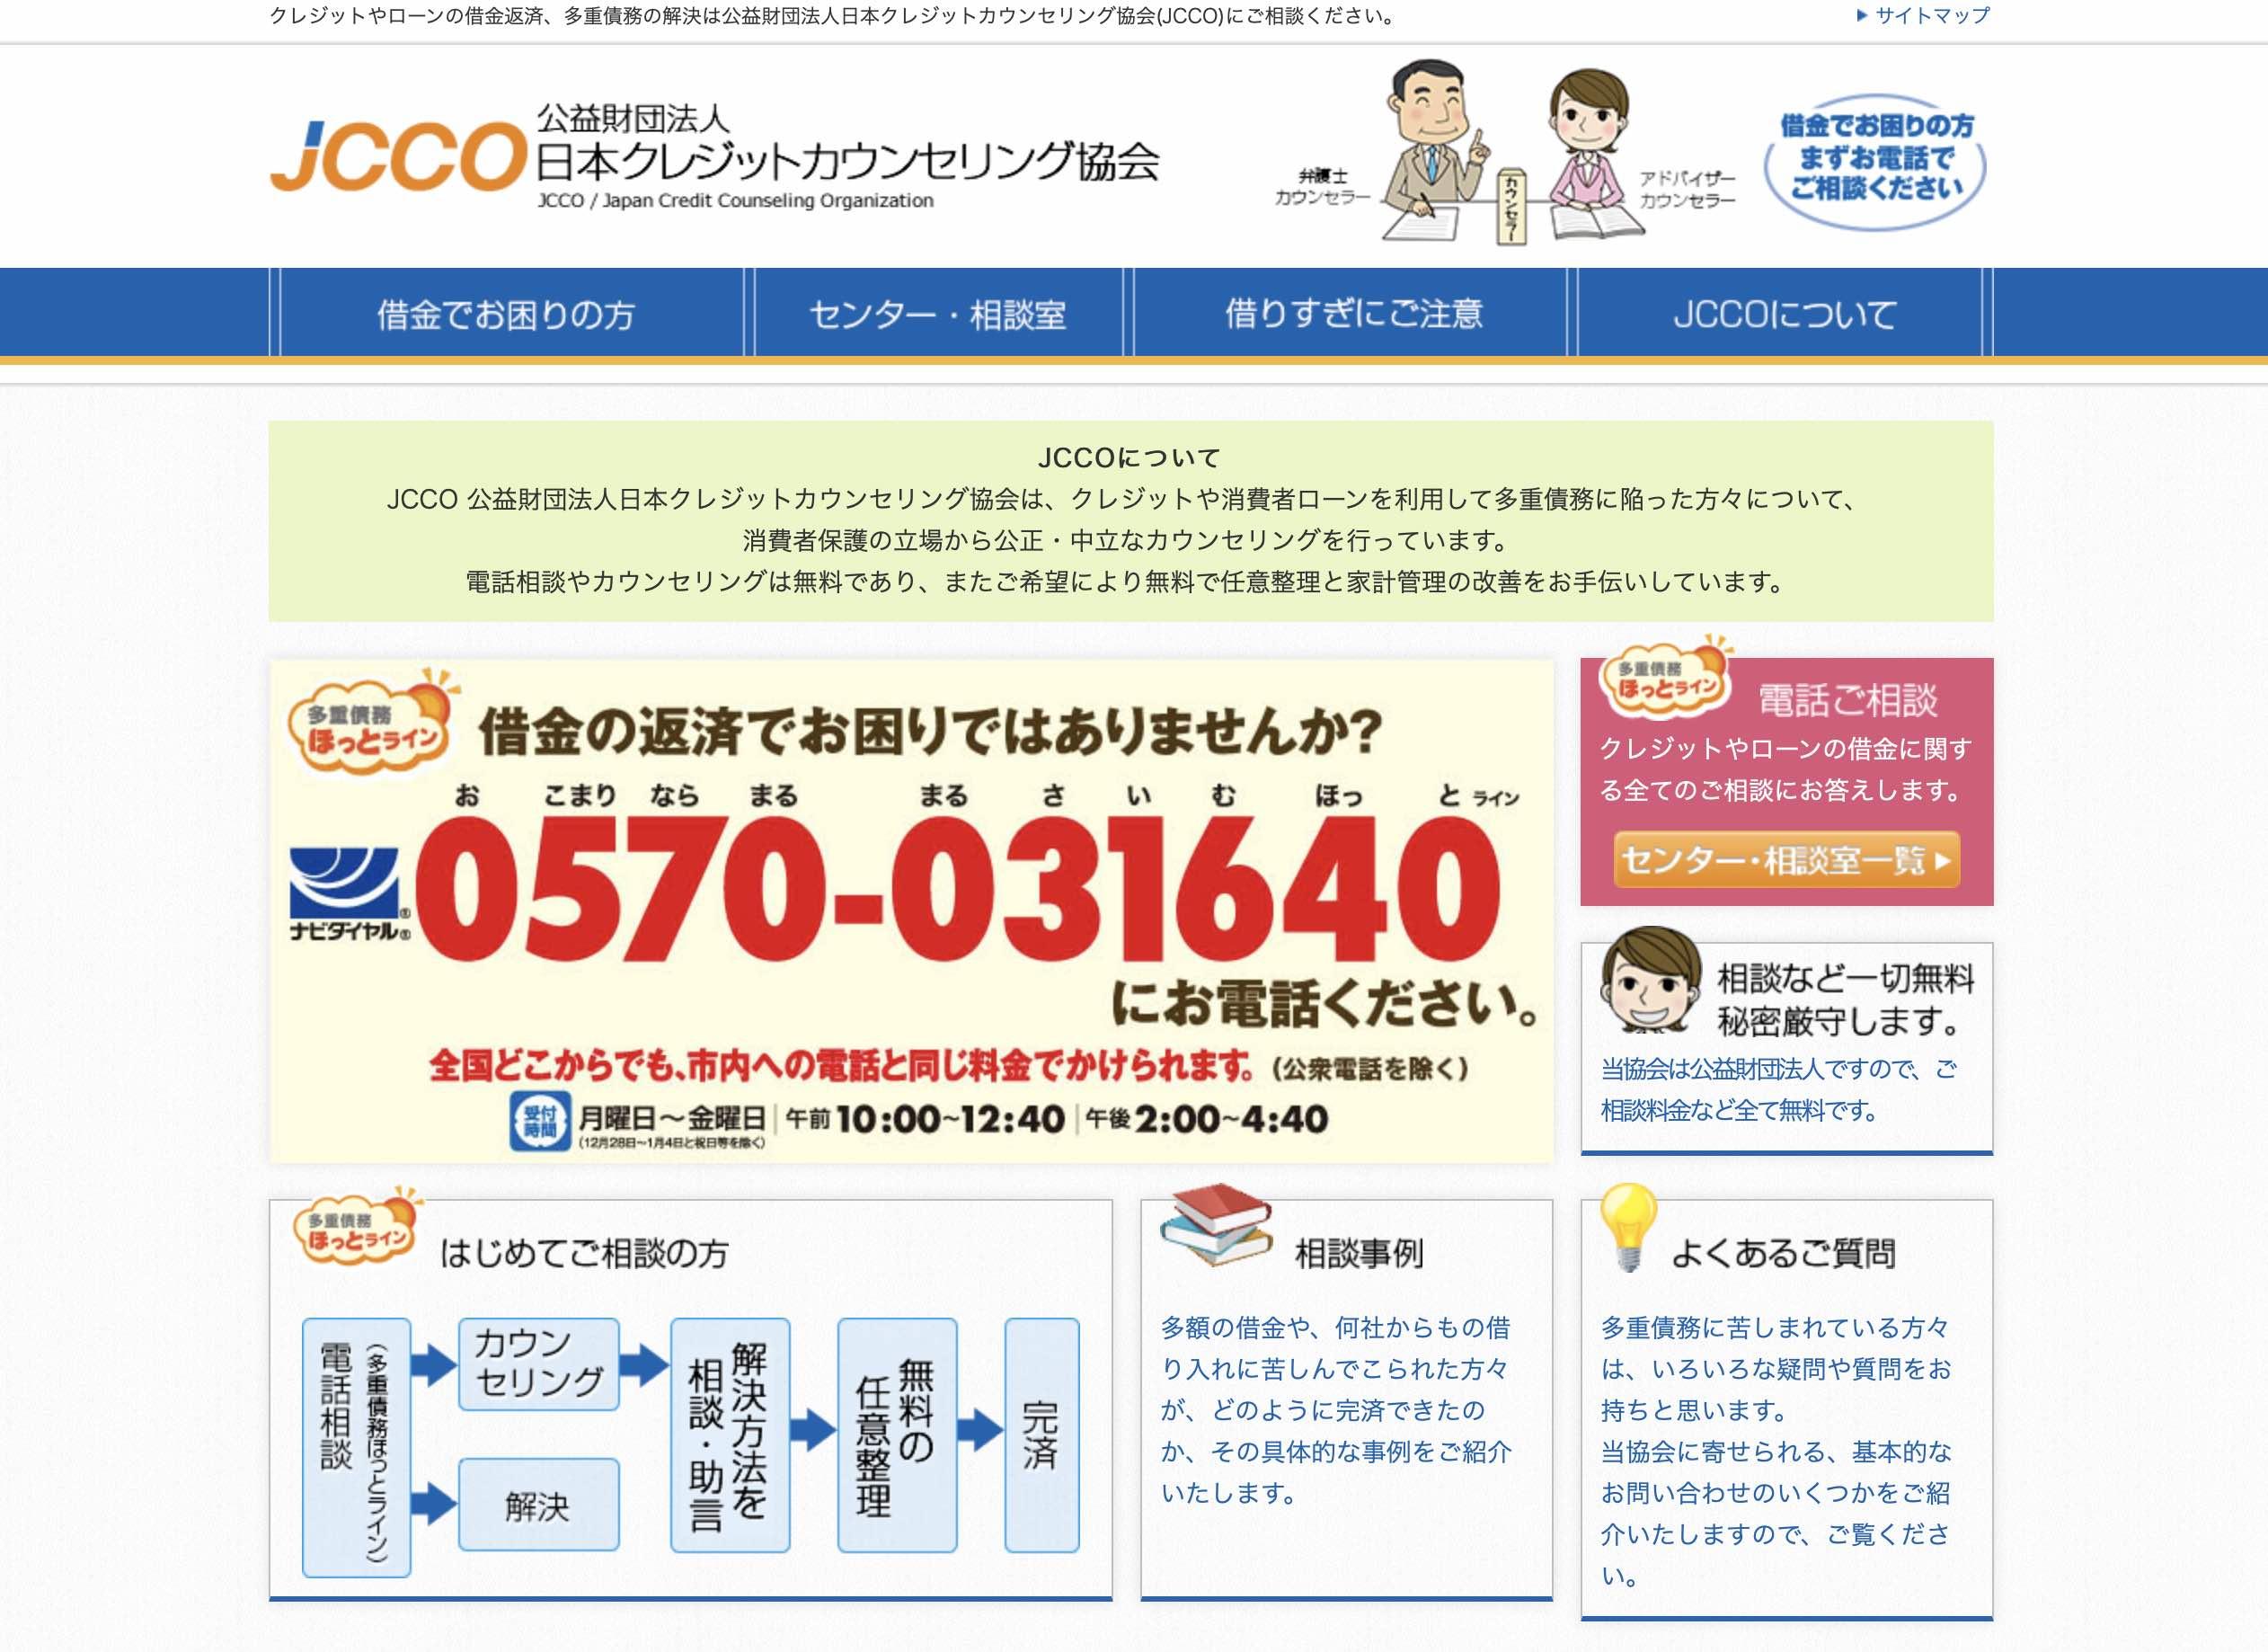 JCCO 日本クレジットカウンセリング協会